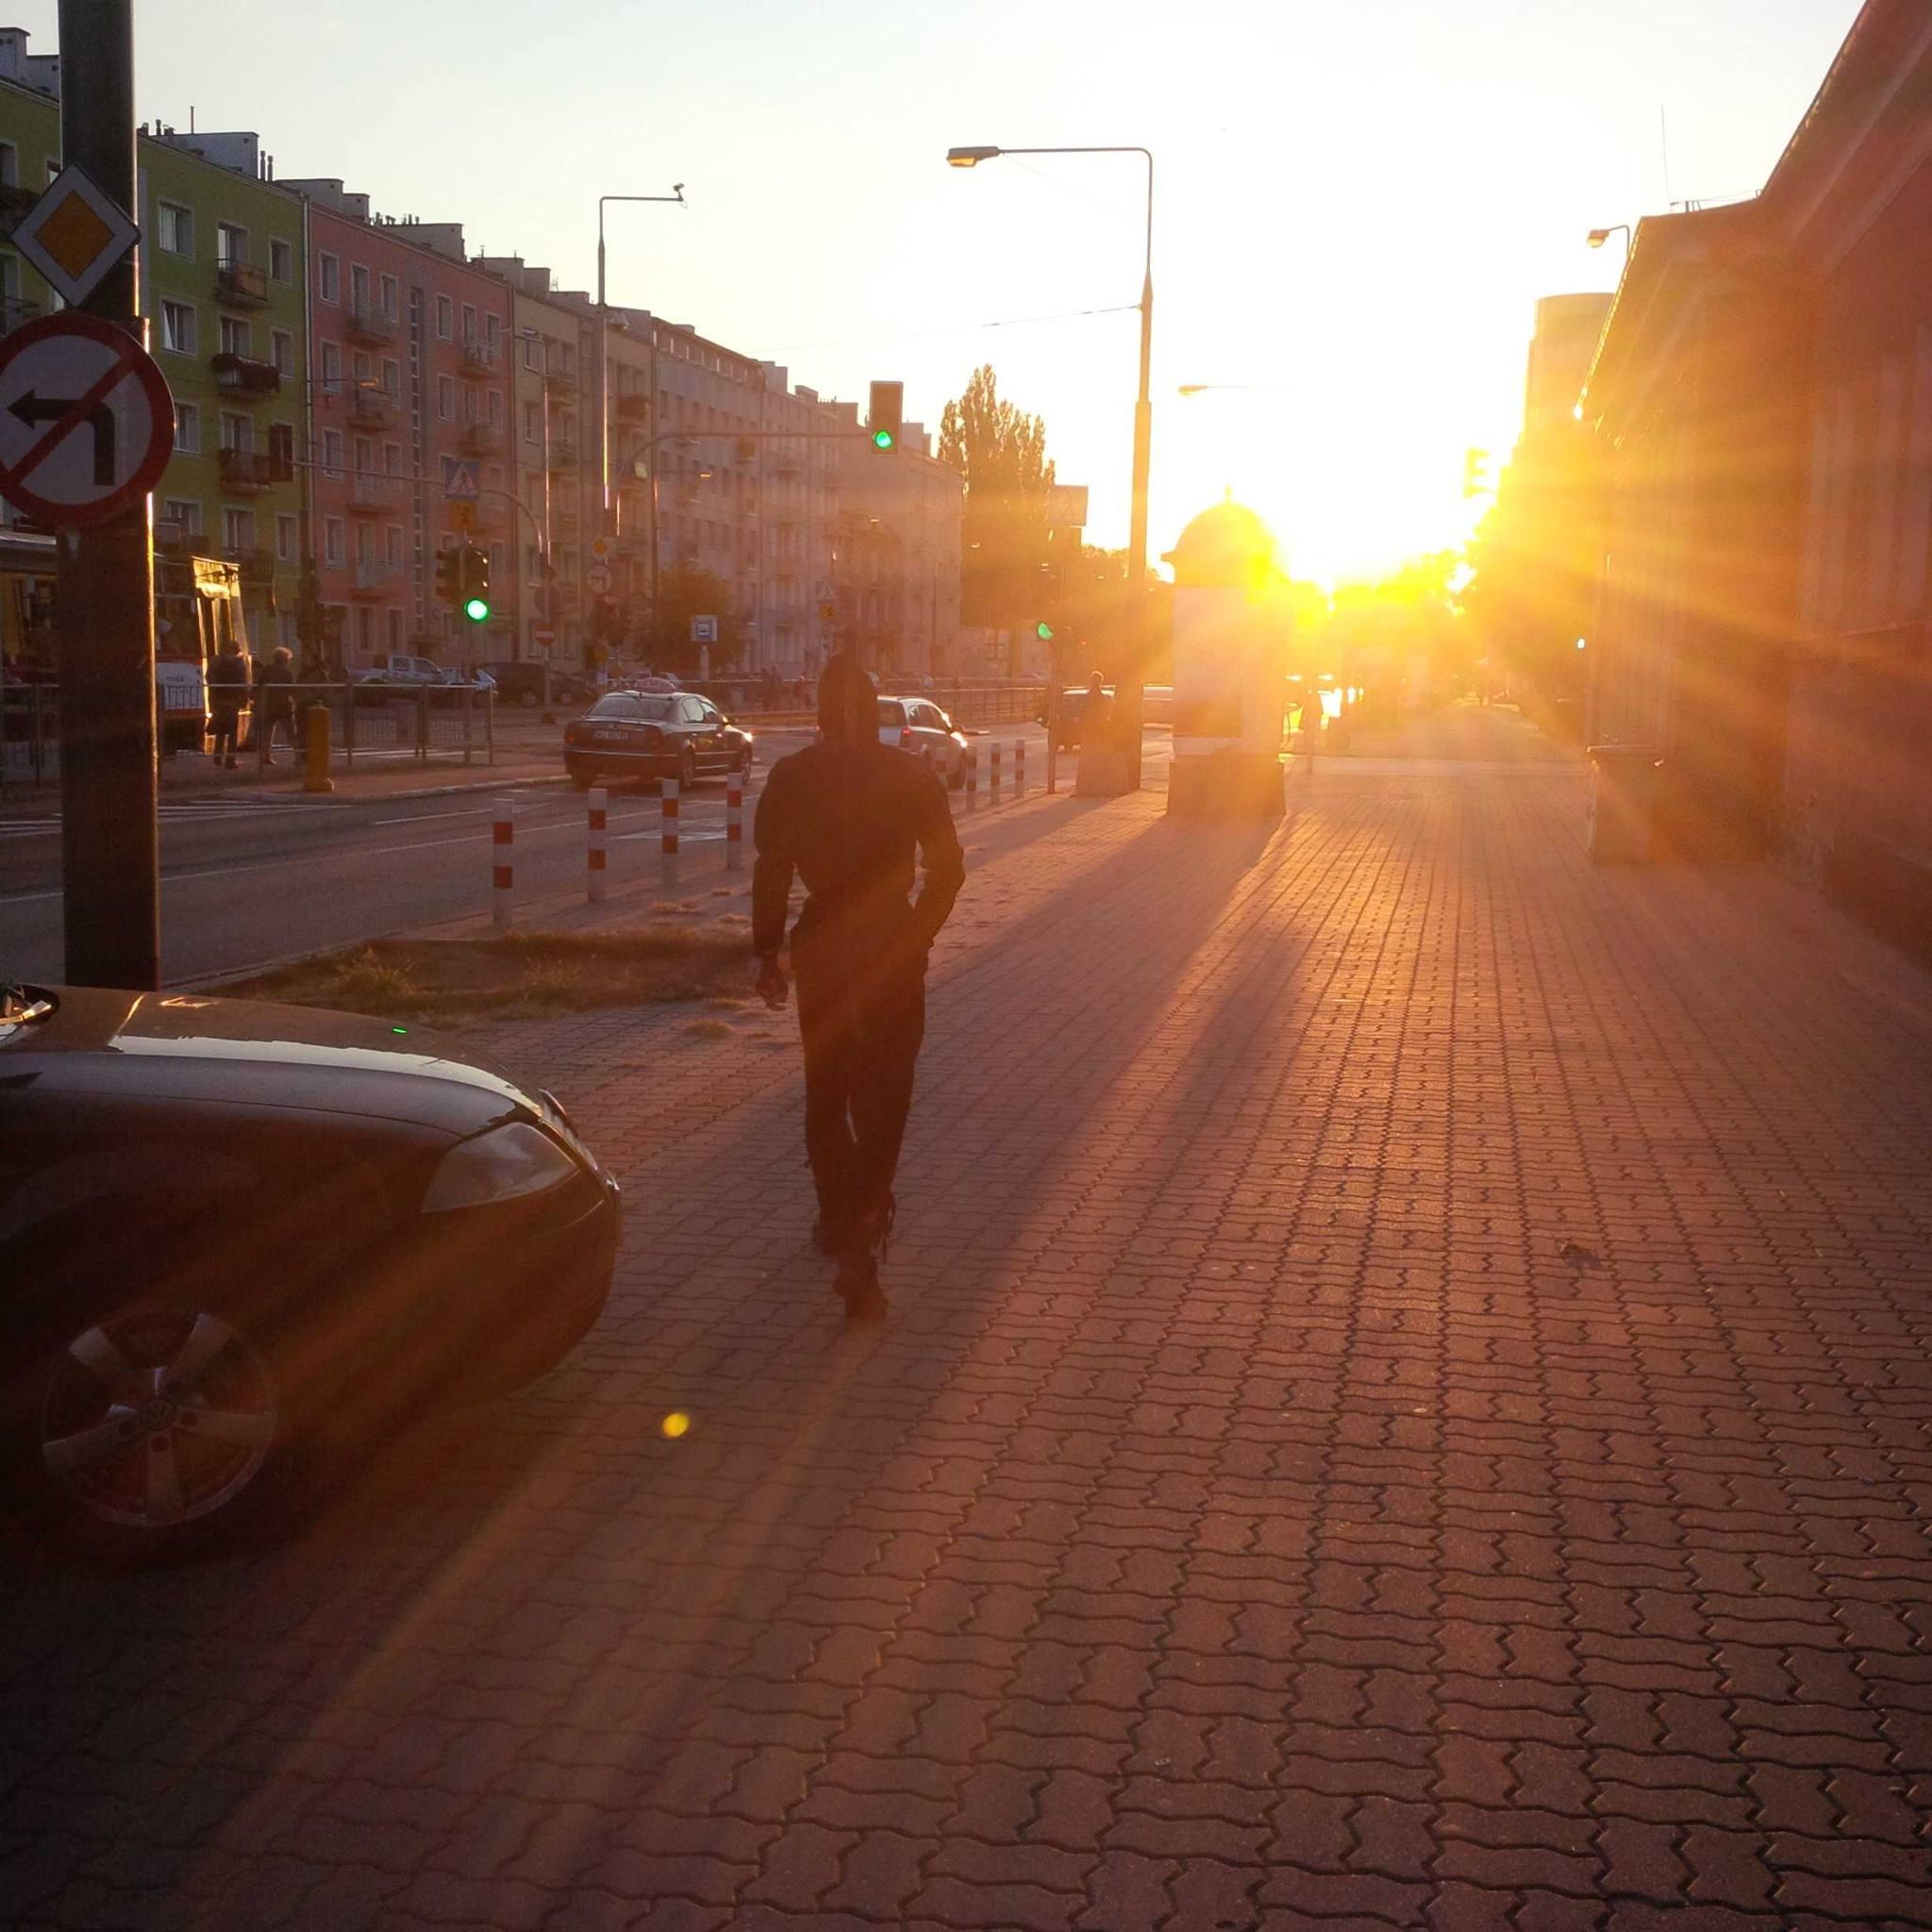 Grochowski Ninja w promieniach zachodzącego słońca